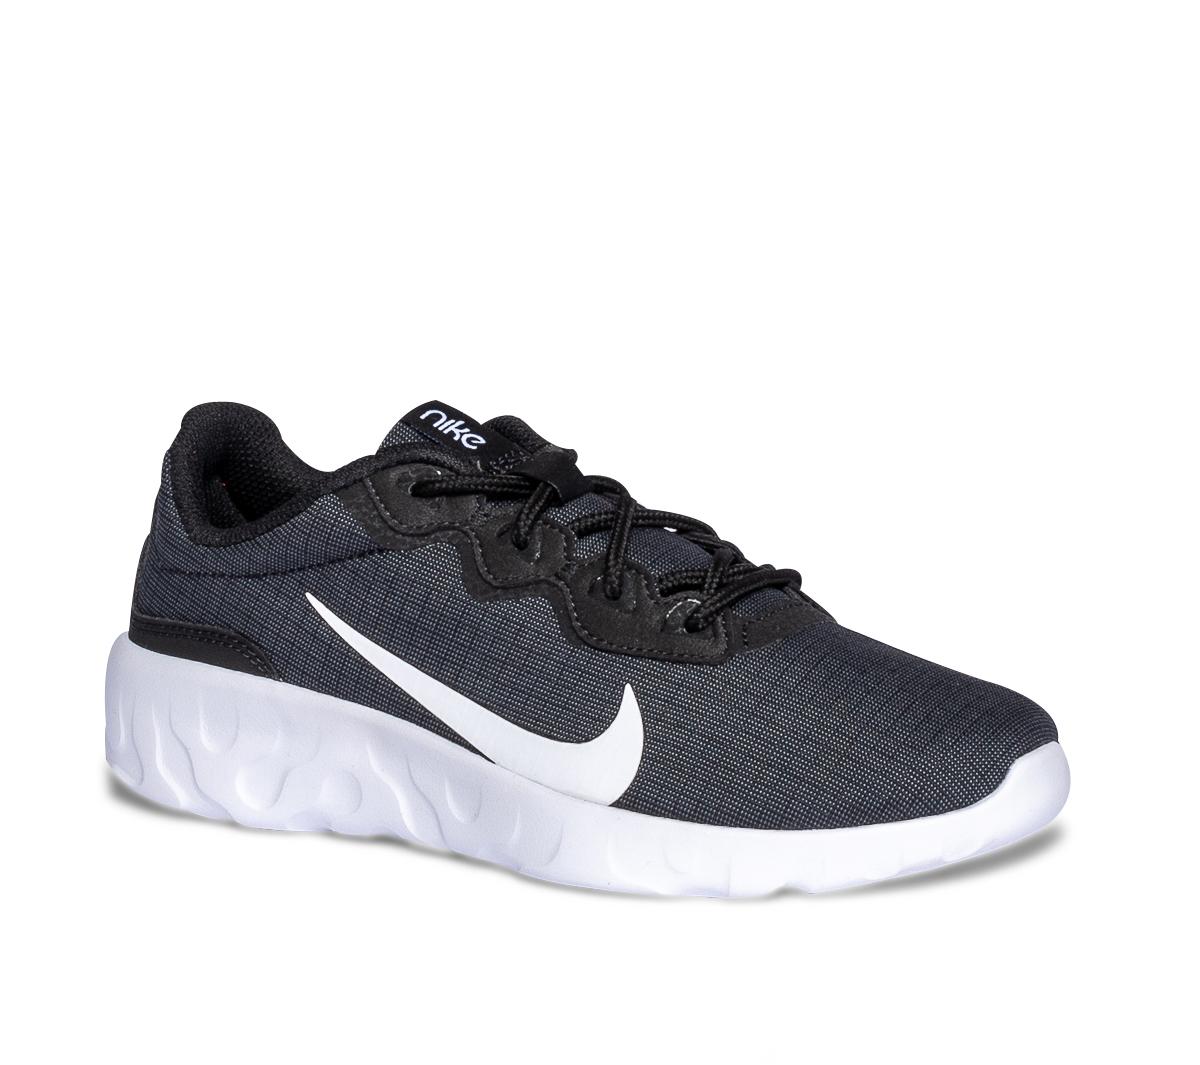 Noire Tennis Carreaux Nike À c3AR5jLq4